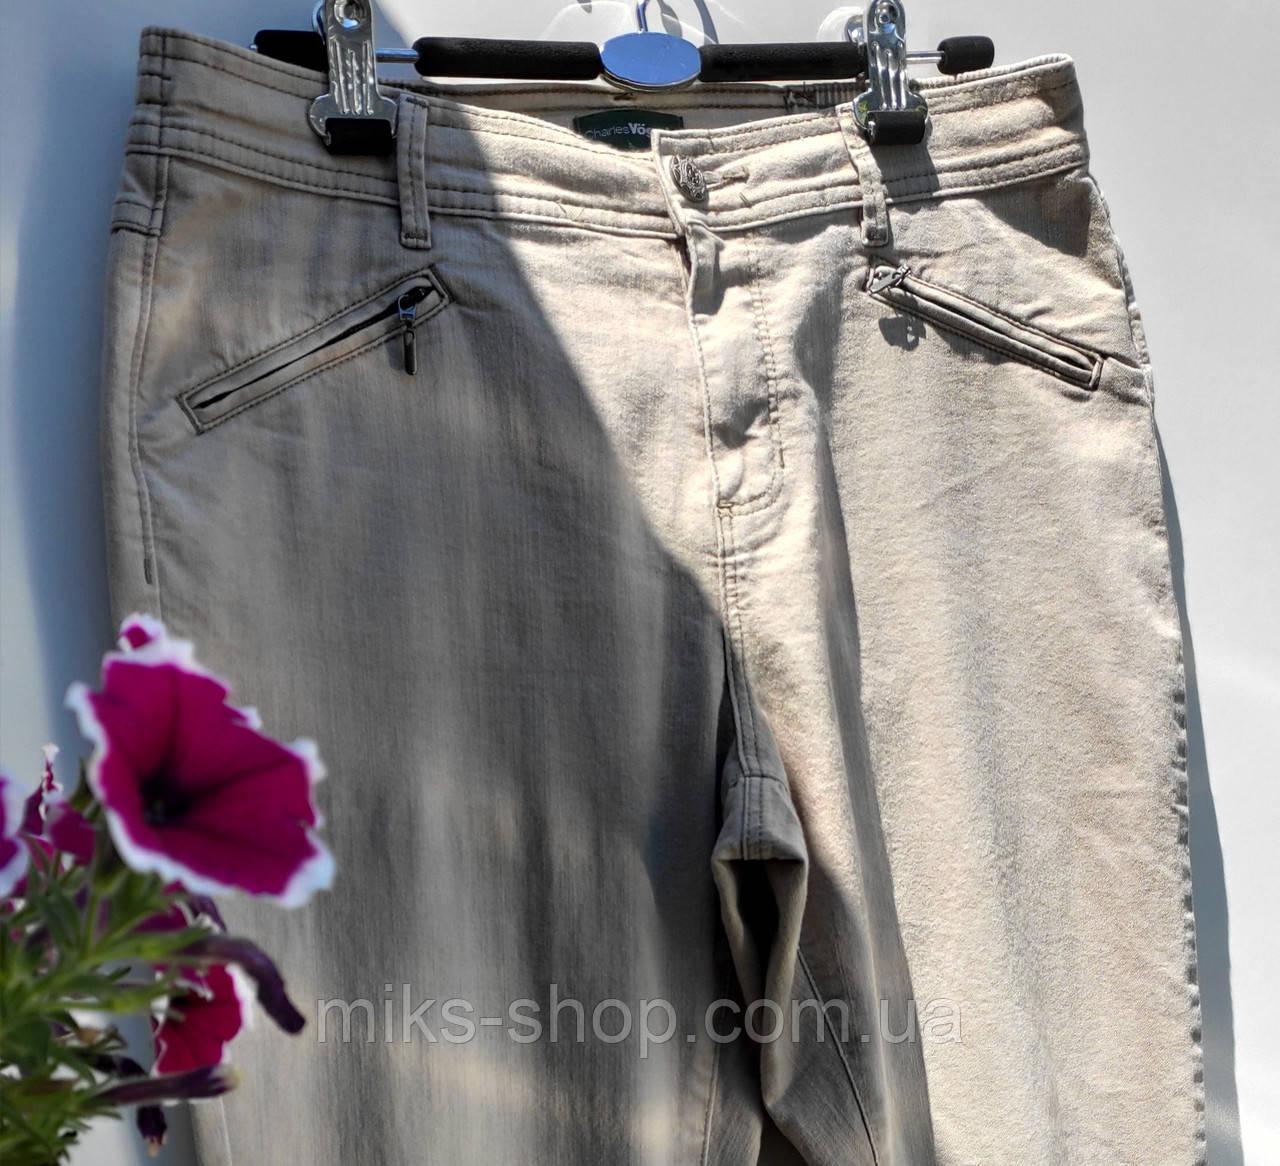 Жіночі еластичні джинси Розмір 46-48 ( Лл-17)